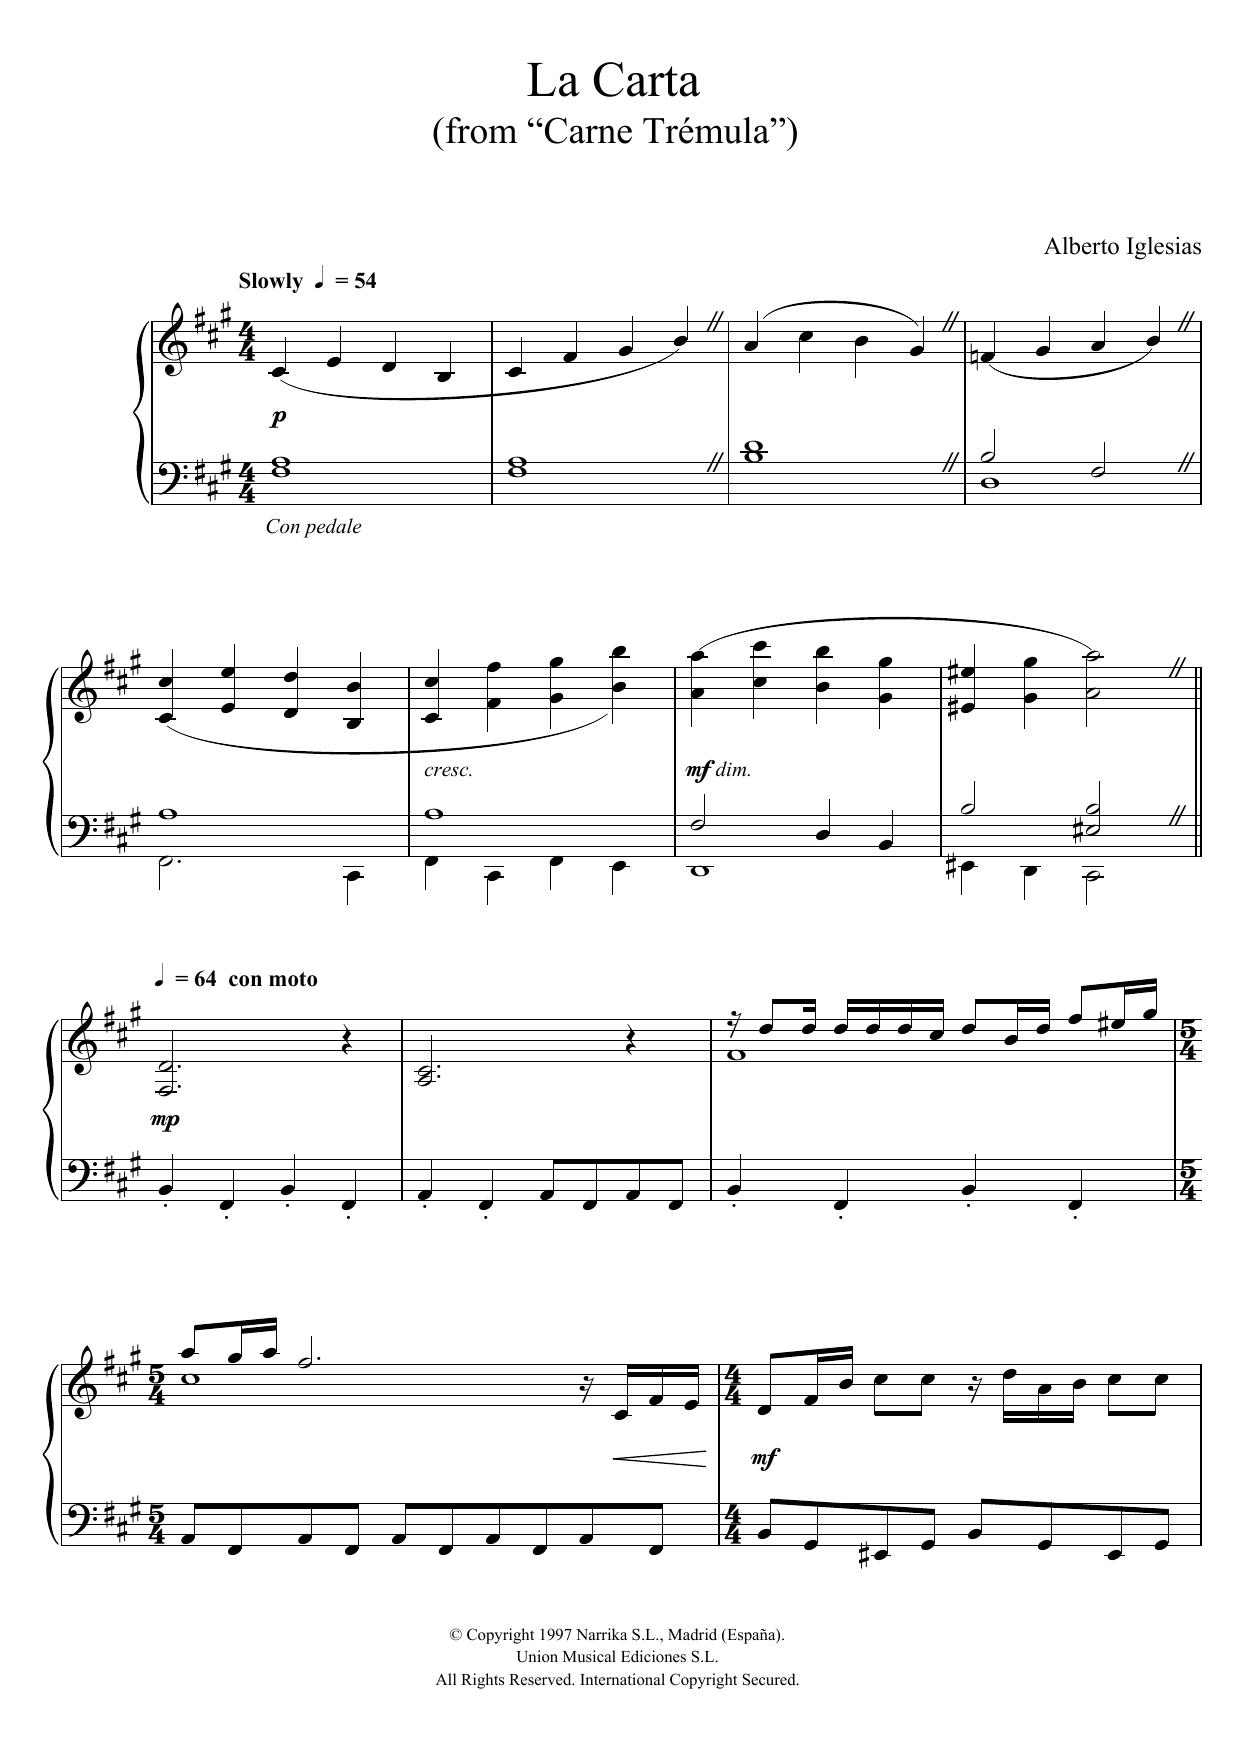 """Alberto Iglesias - La Carta (from """"Carne Tremula"""")"""